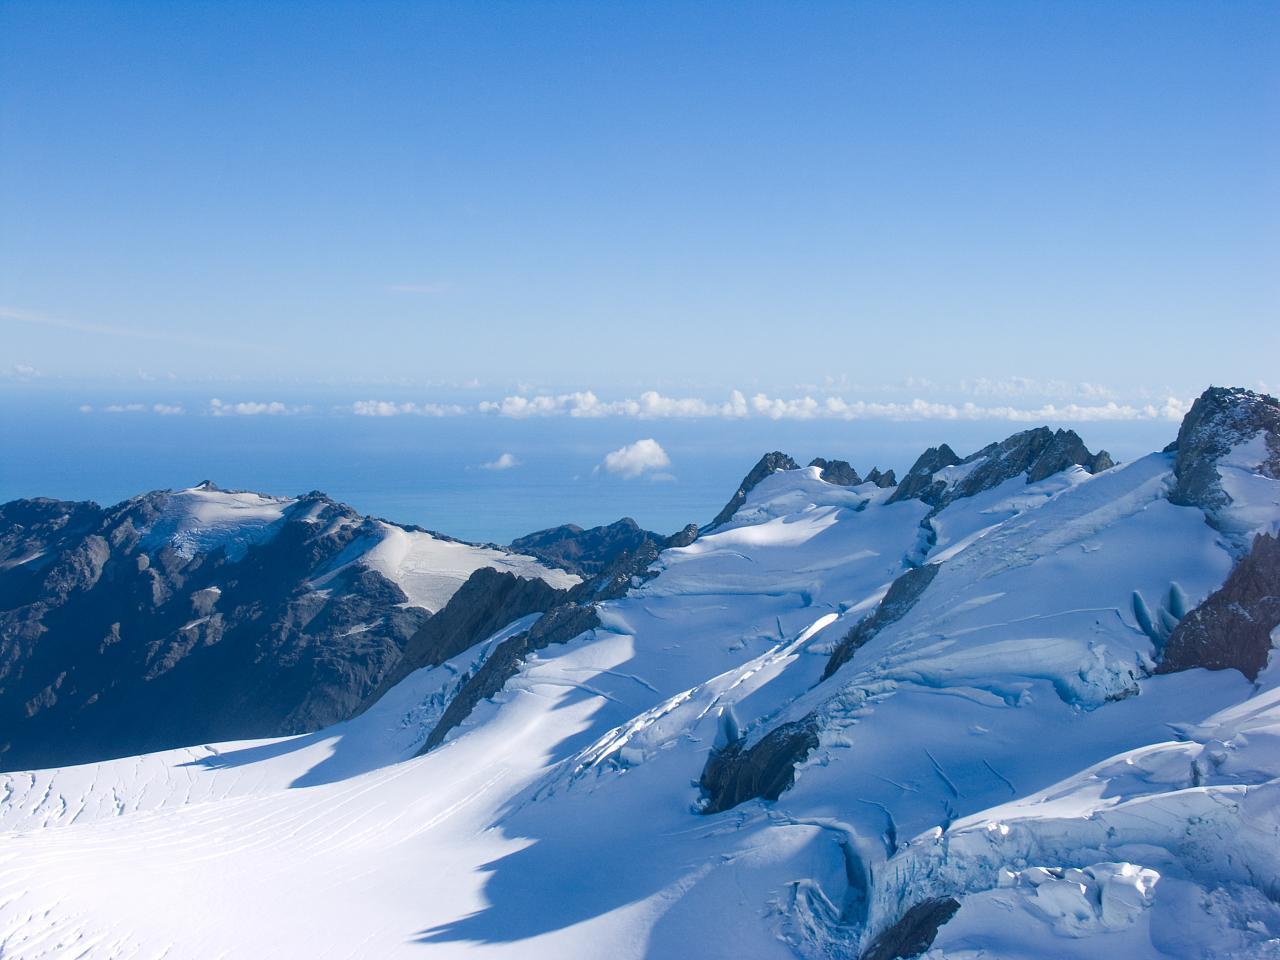 上空から見たフランツジョセフ氷河の風景